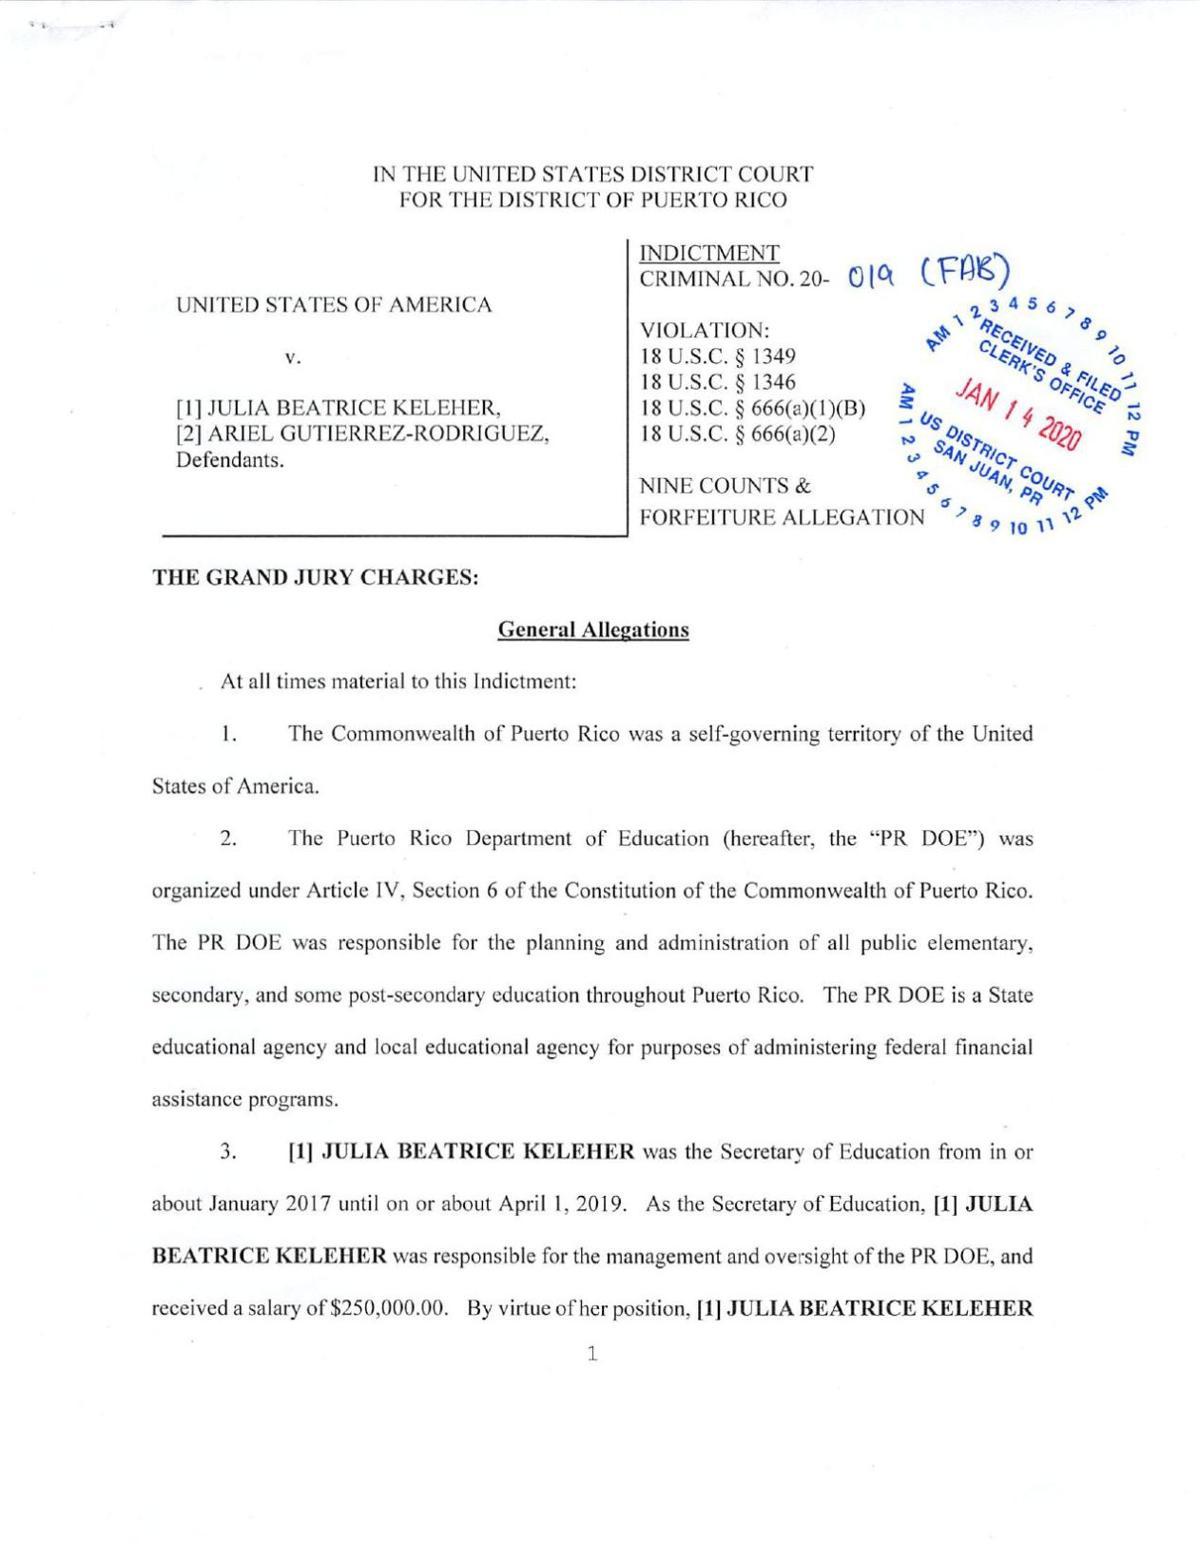 Acusacion federal a Julia Keleher